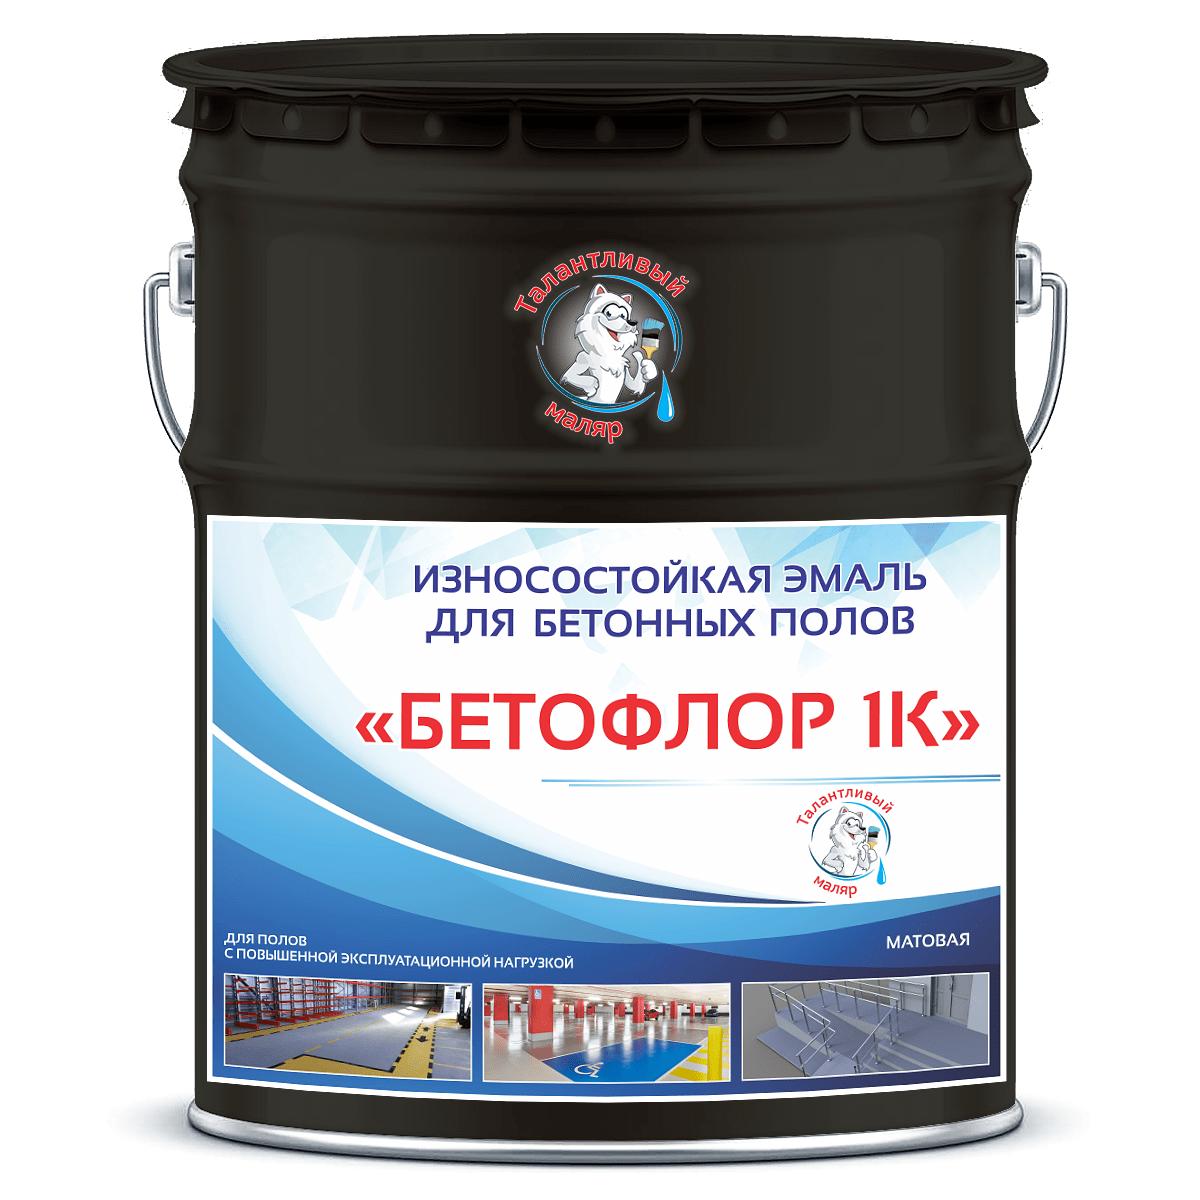 """Фото 5 - BF9005 Эмаль для бетонных полов """"Бетофлор"""" 1К цвет RAL 9005 Черный янтарь, матовая износостойкая, 25 кг """"Талантливый Маляр""""."""